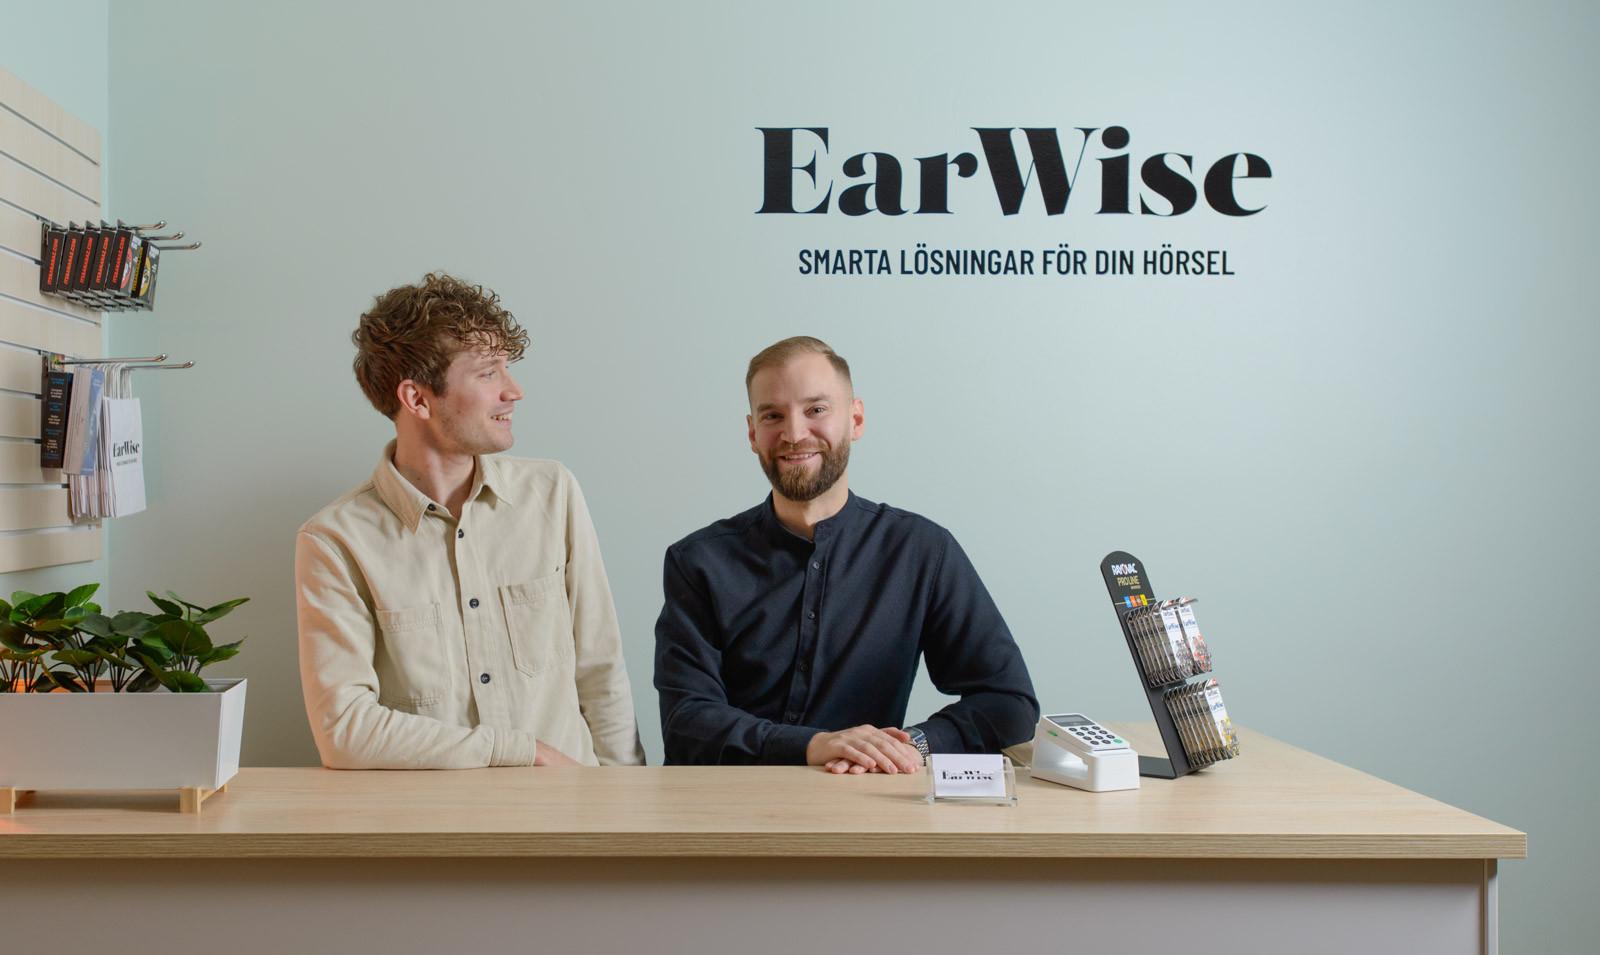 Earwise-03-web.jpg